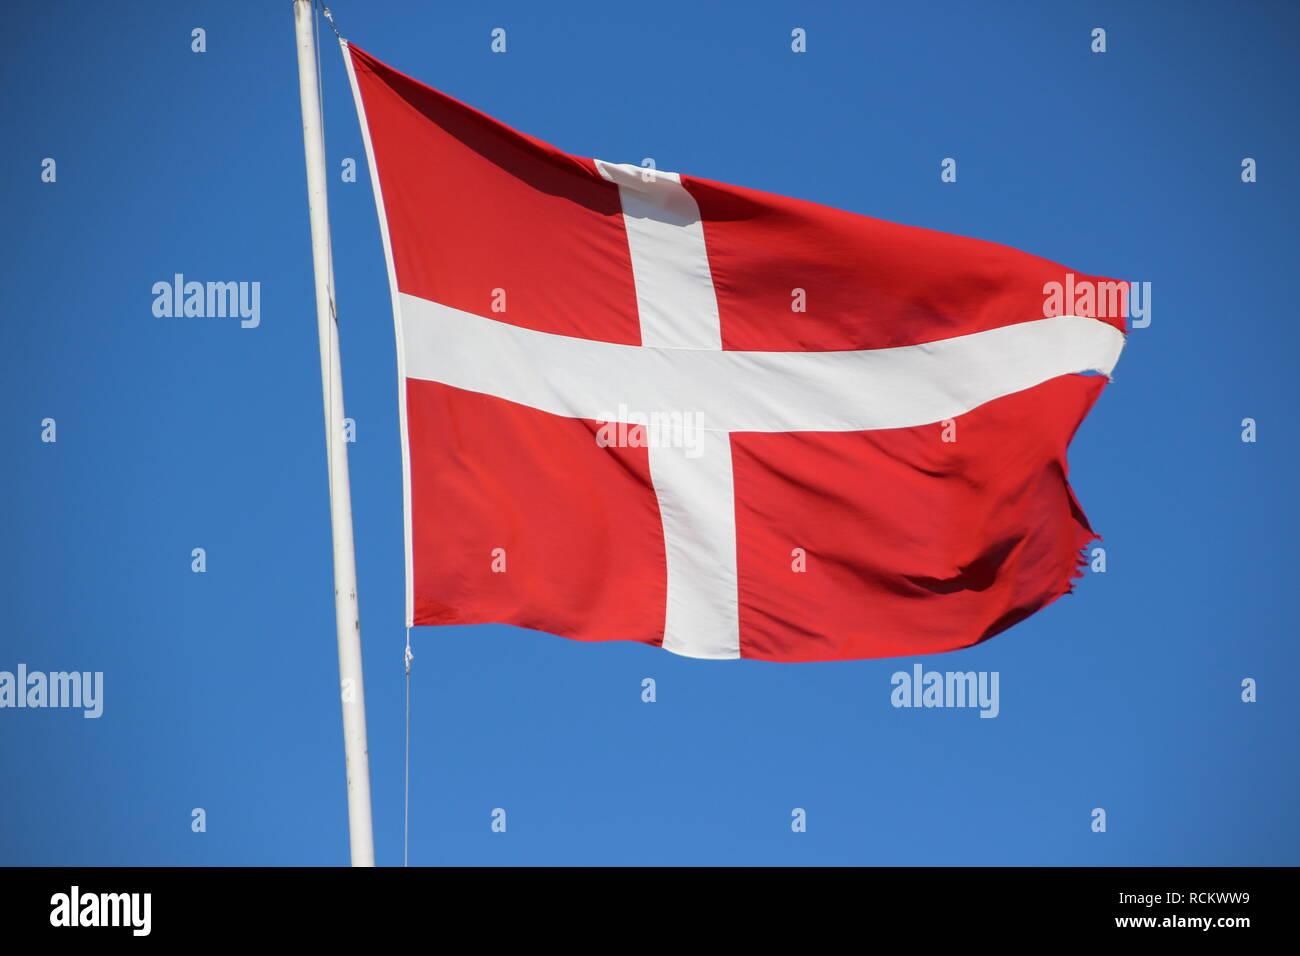 Die Dänische Nationalfahne - Stock Image